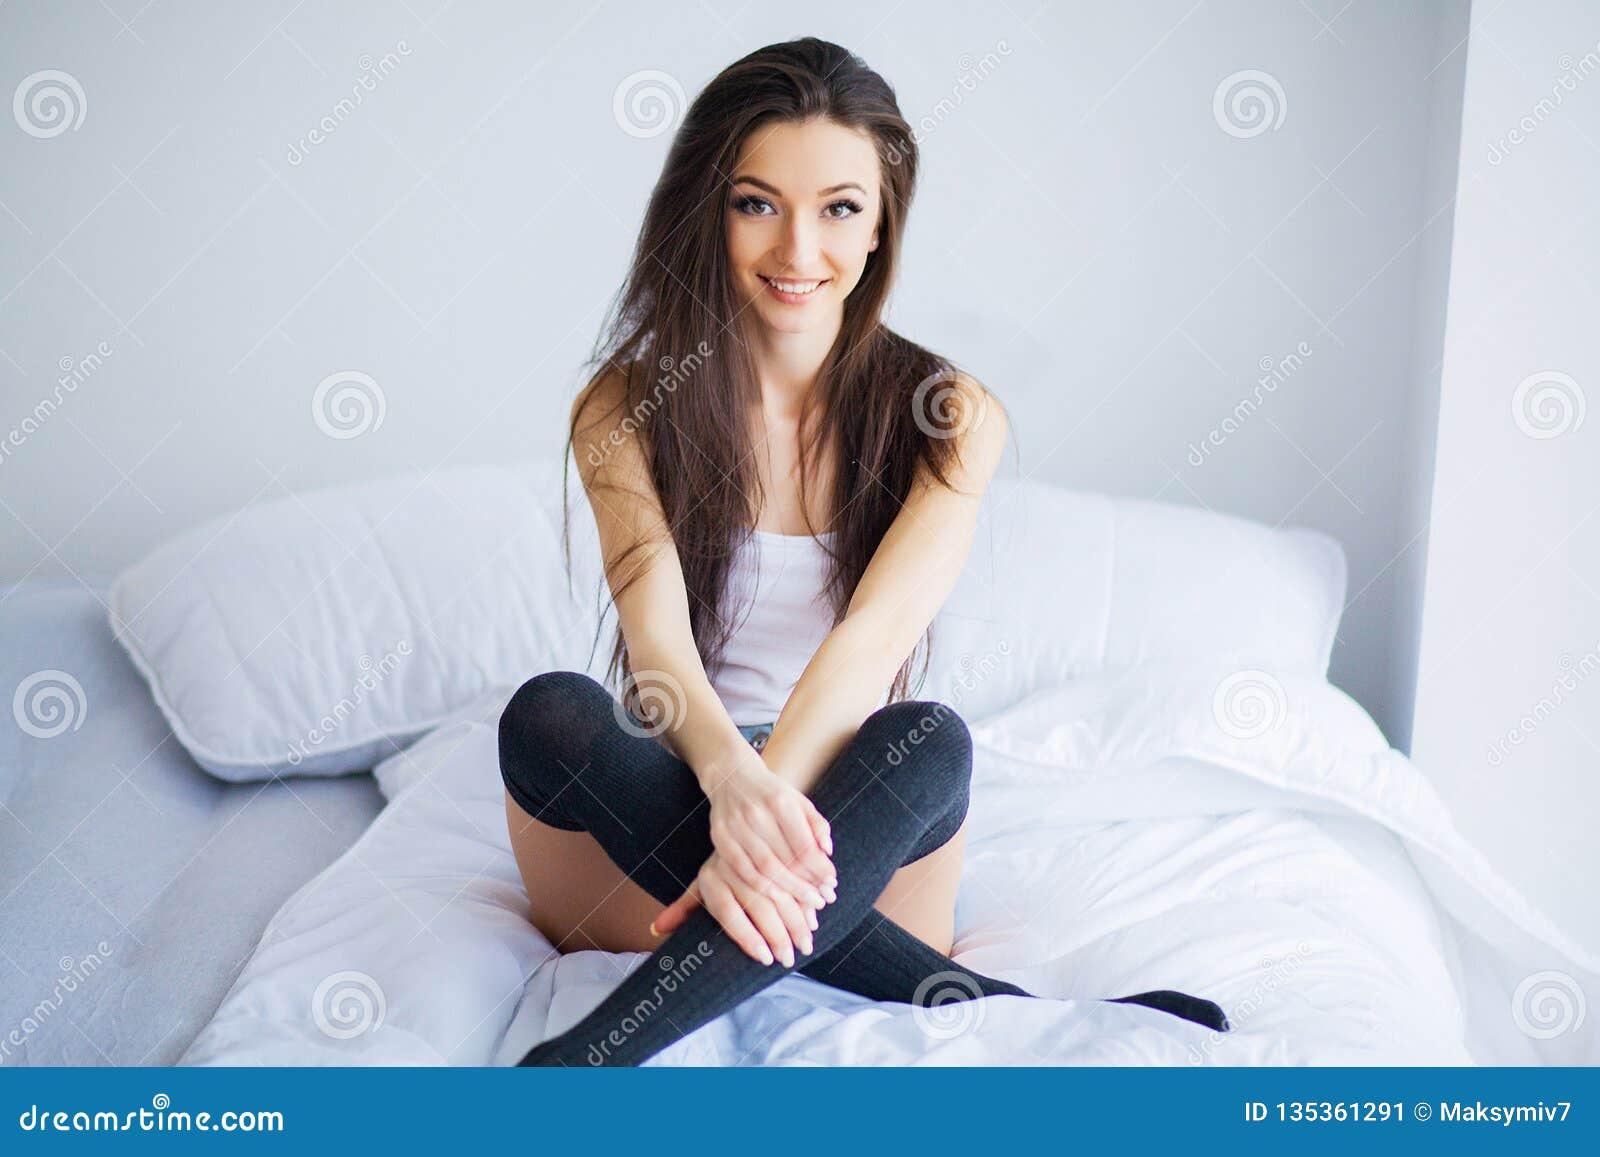 Buenos días Retrato de una sonrisa mujer morena bastante joven que se relaja en la cama blanca